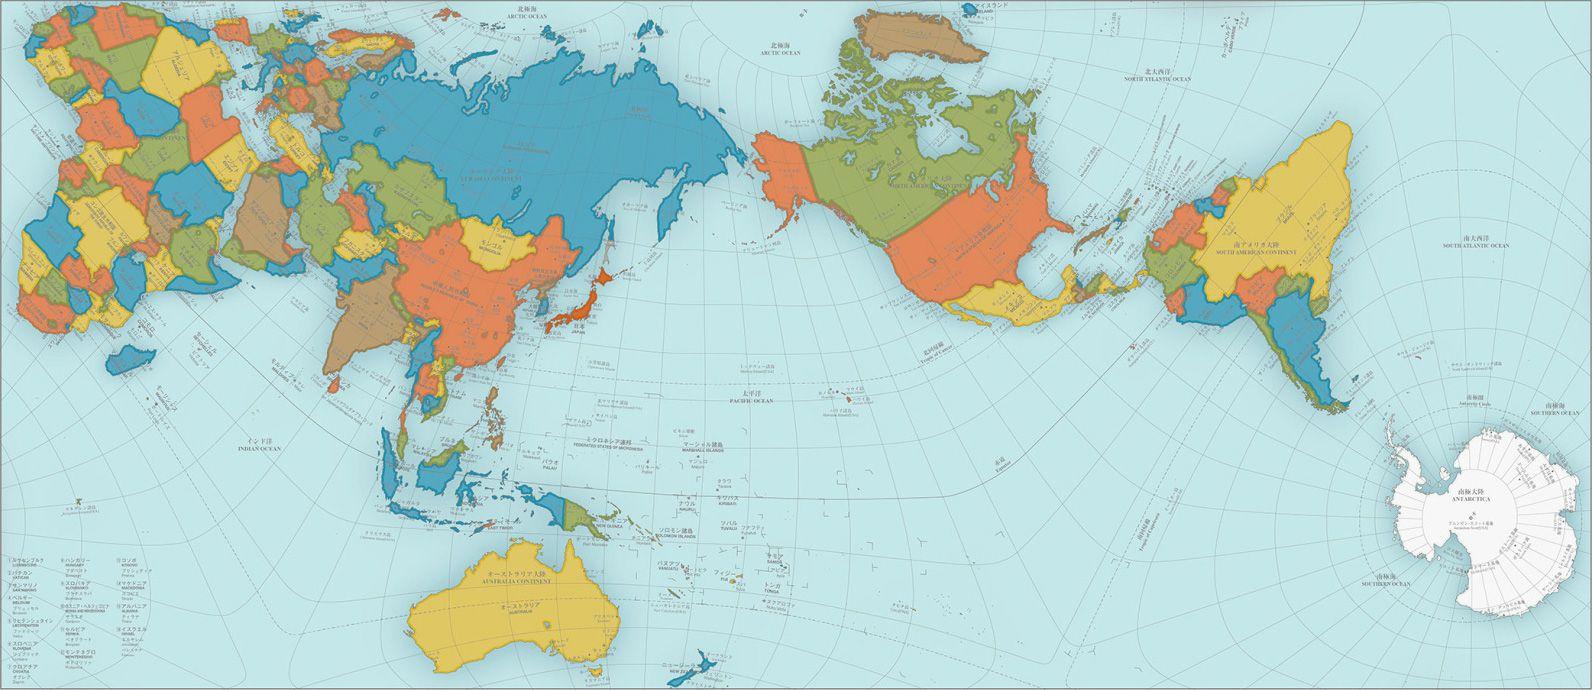 Voici Enfin La Carte Du Monde La Plus Exacte Qui Existe Maps